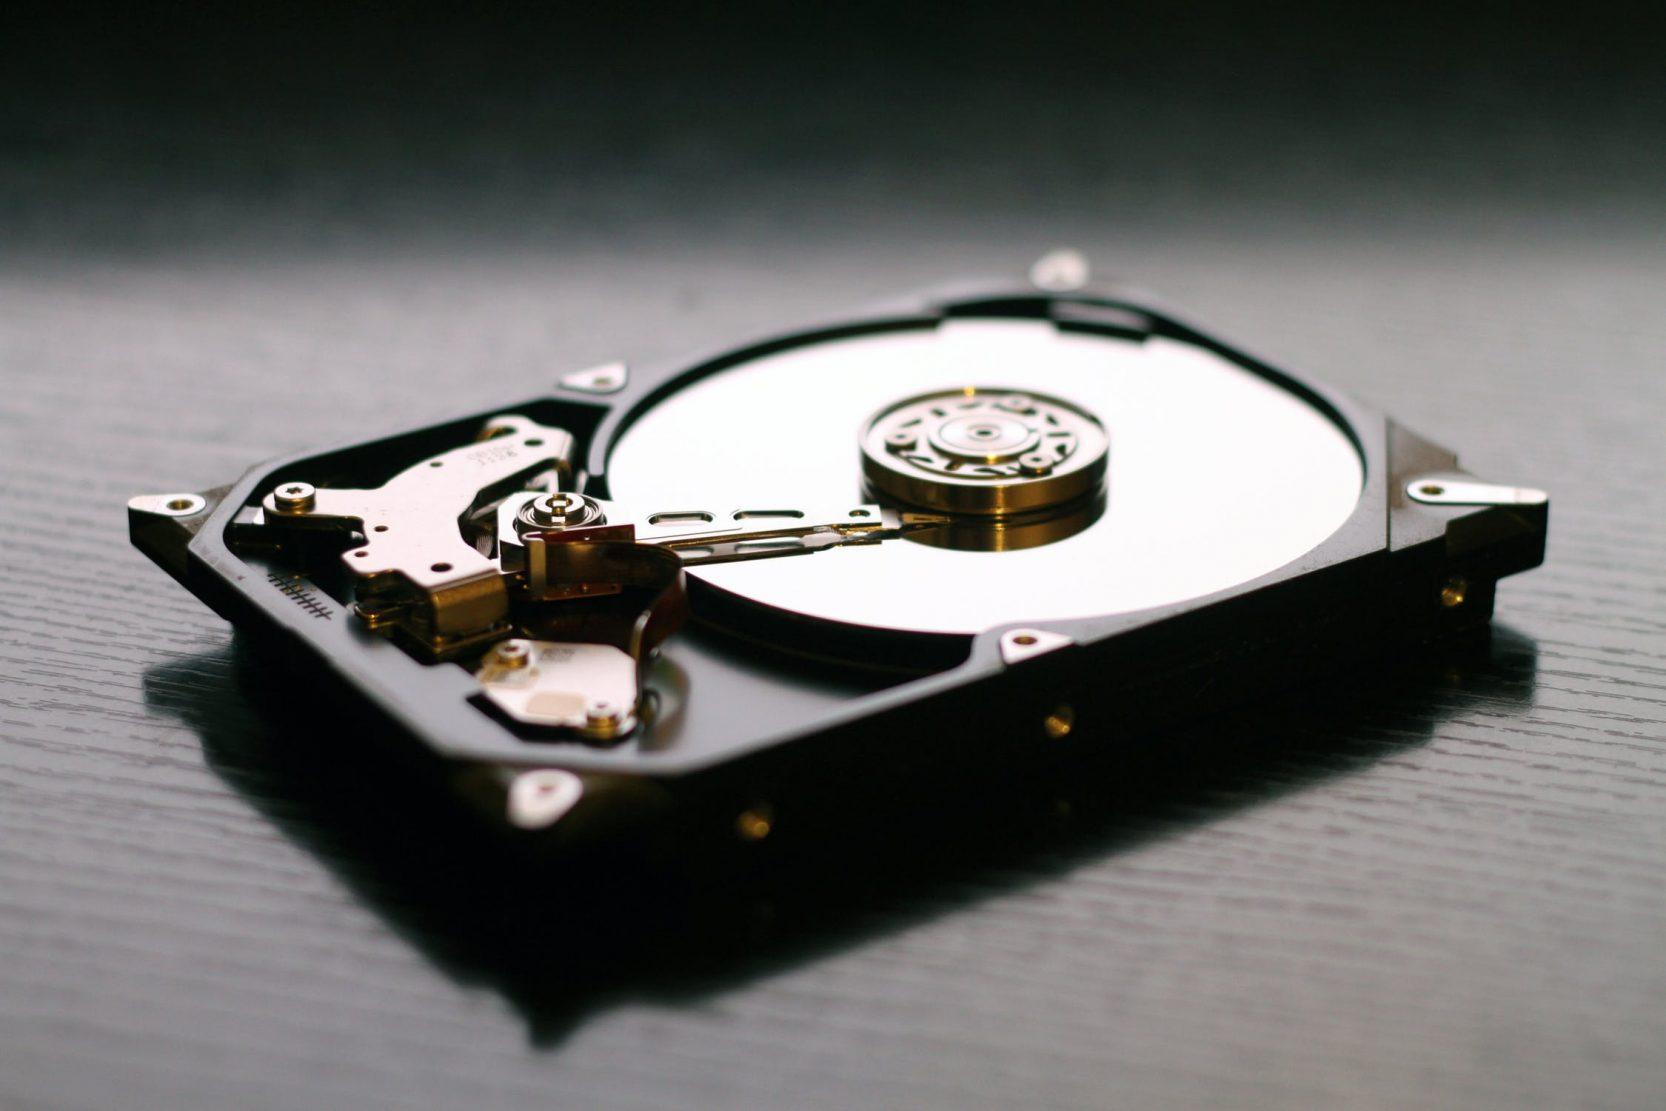 كيف تحل مشاكل عدم تعرف الحاسب على الأقراص الخارجية في نظام